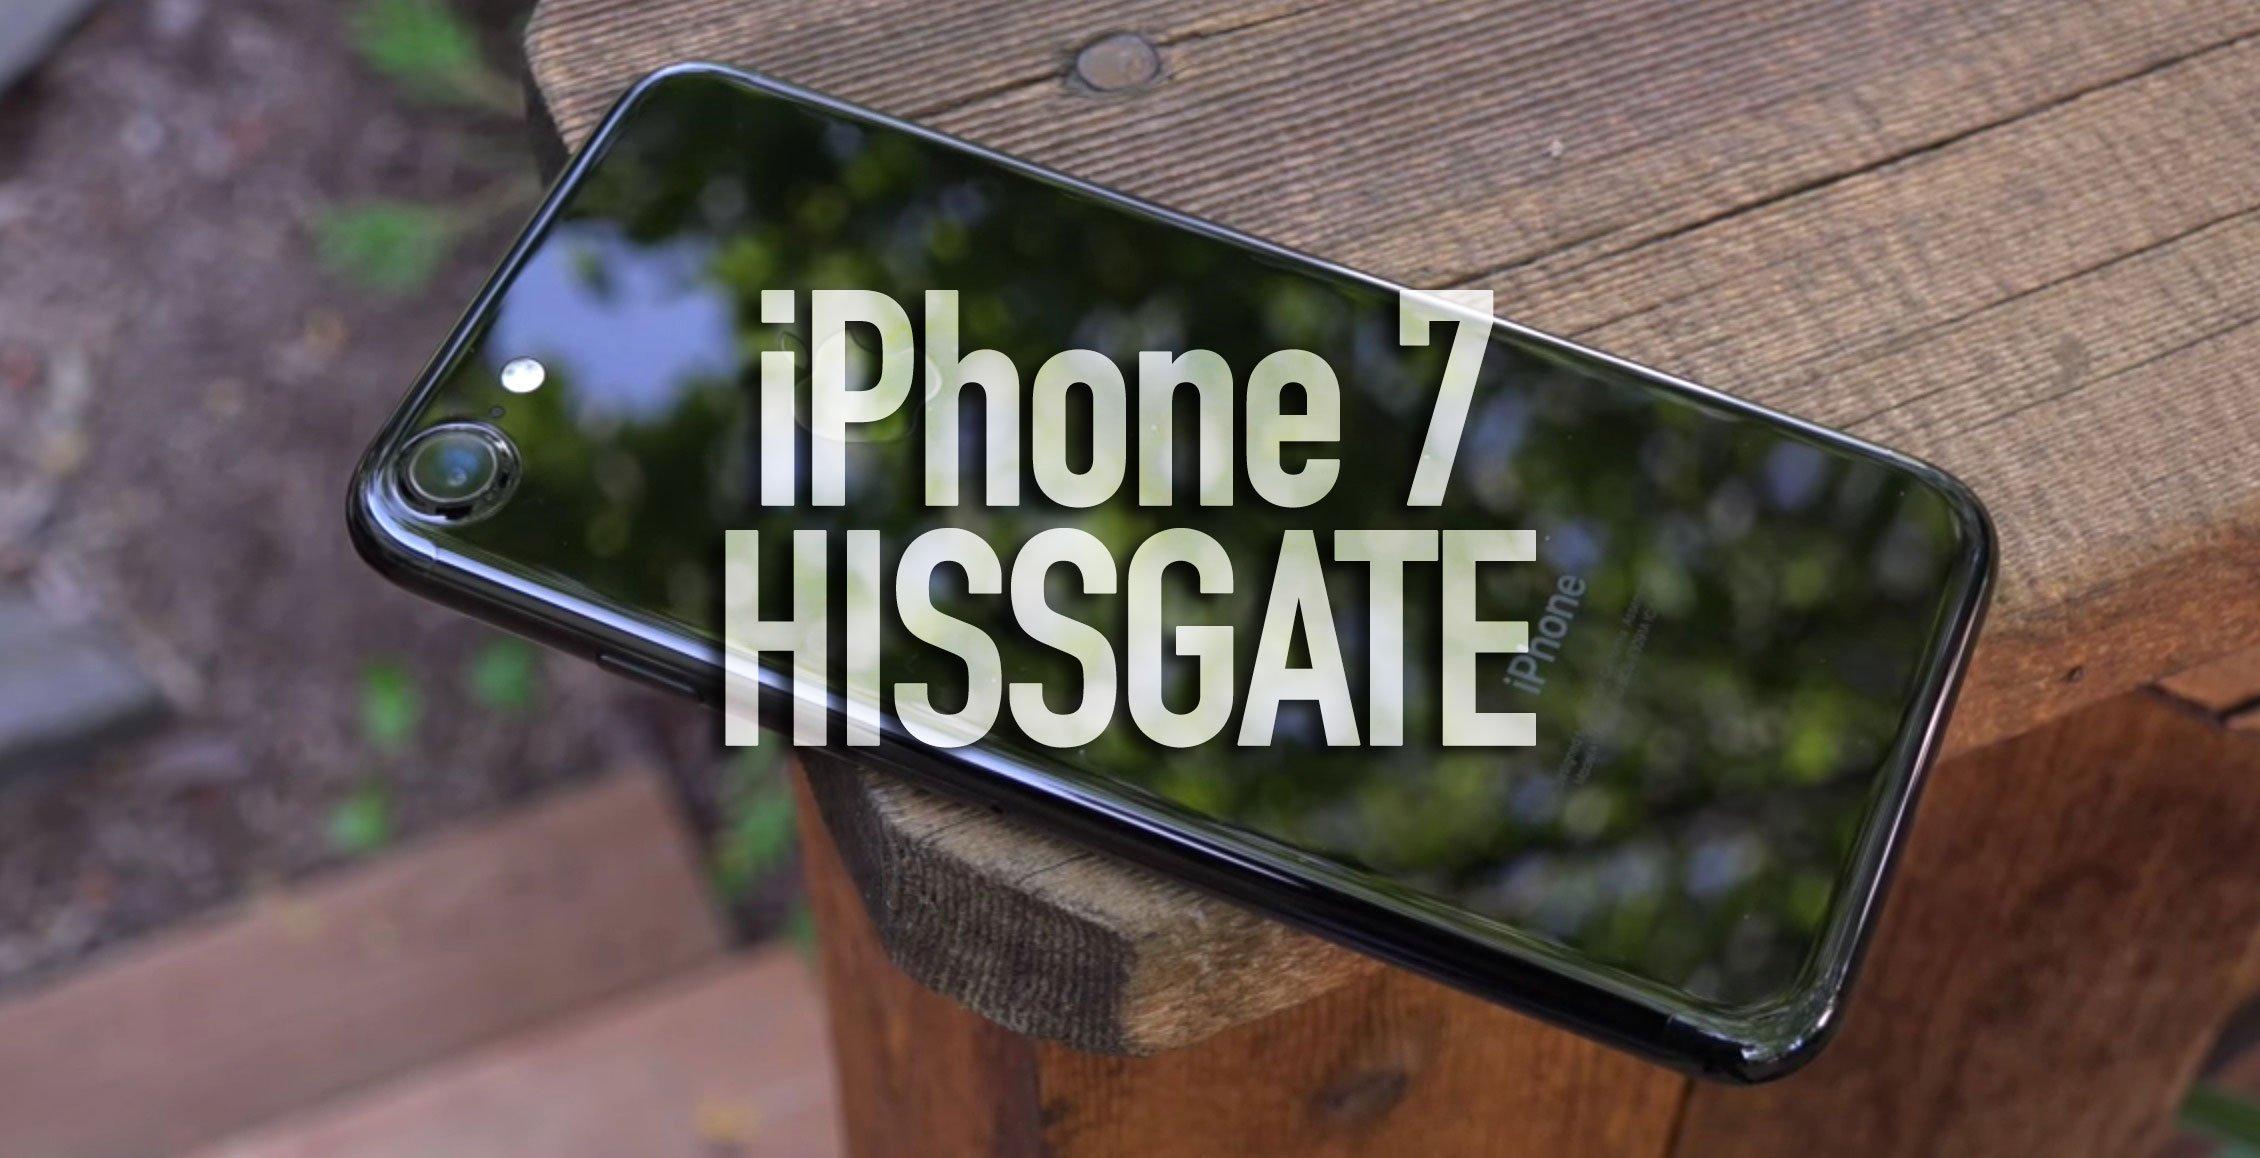 Hissgate: iPhone 7 macht zischende Geräusche?! 1